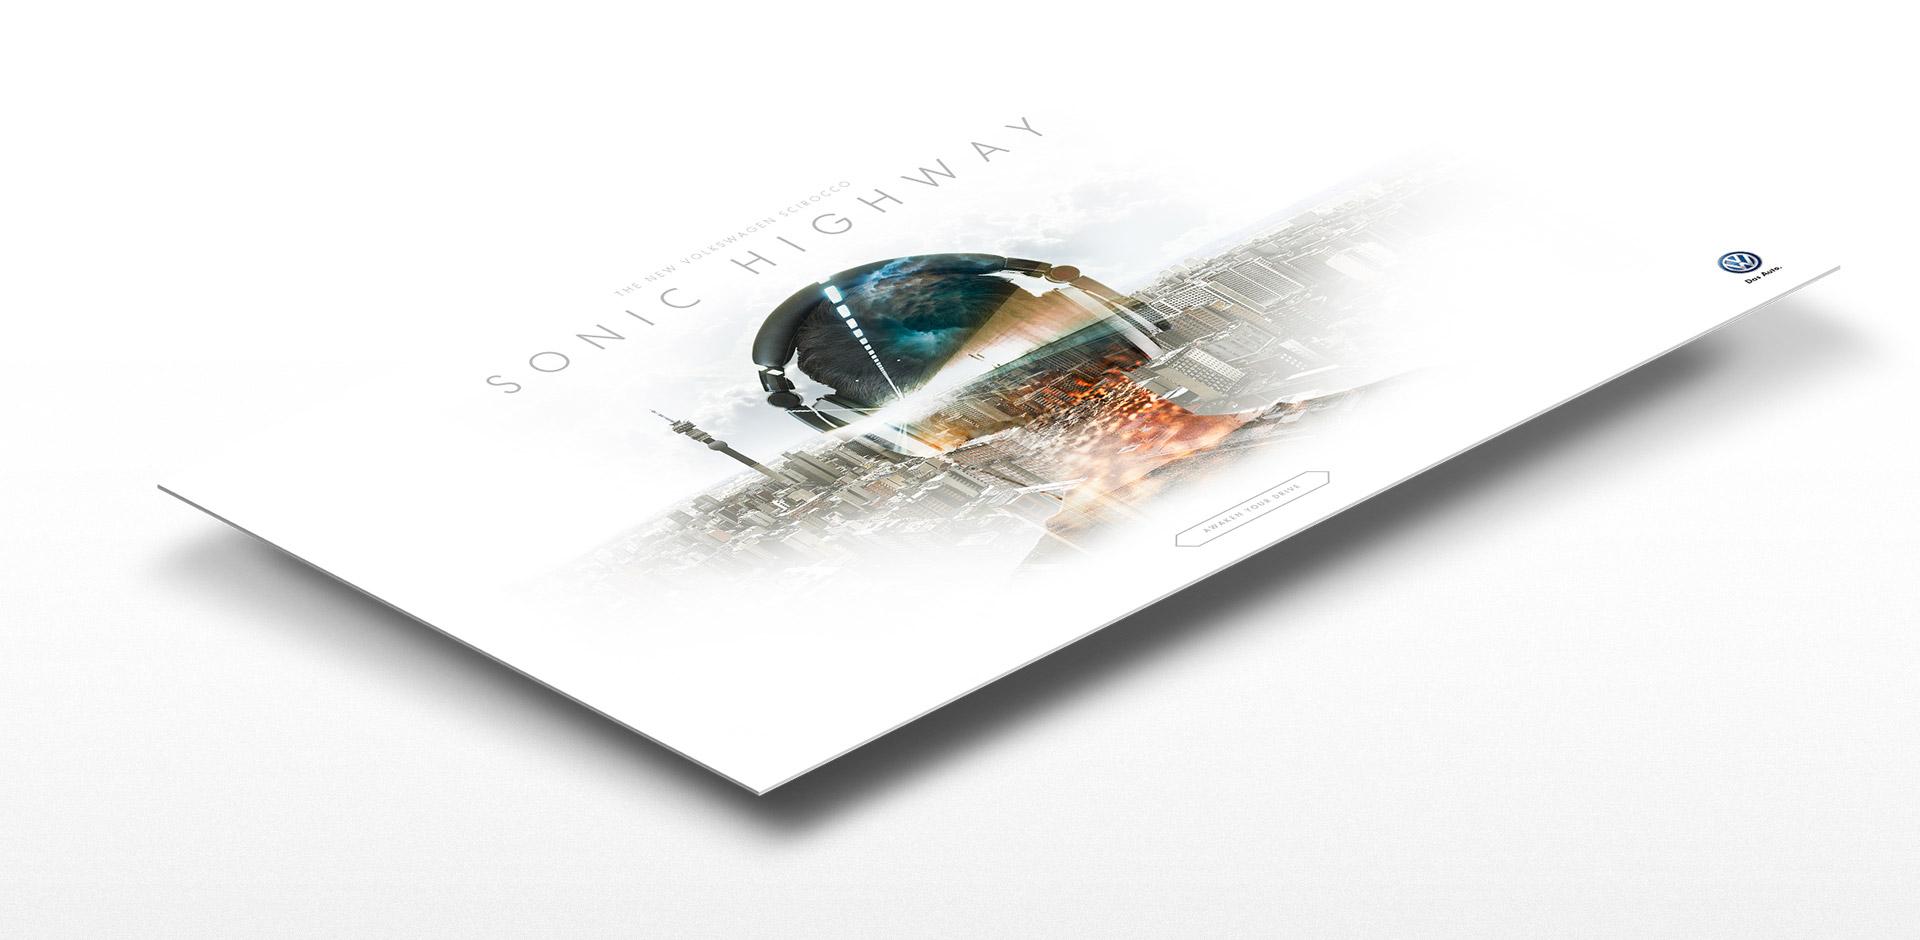 sonichighway-DESKTOP_02